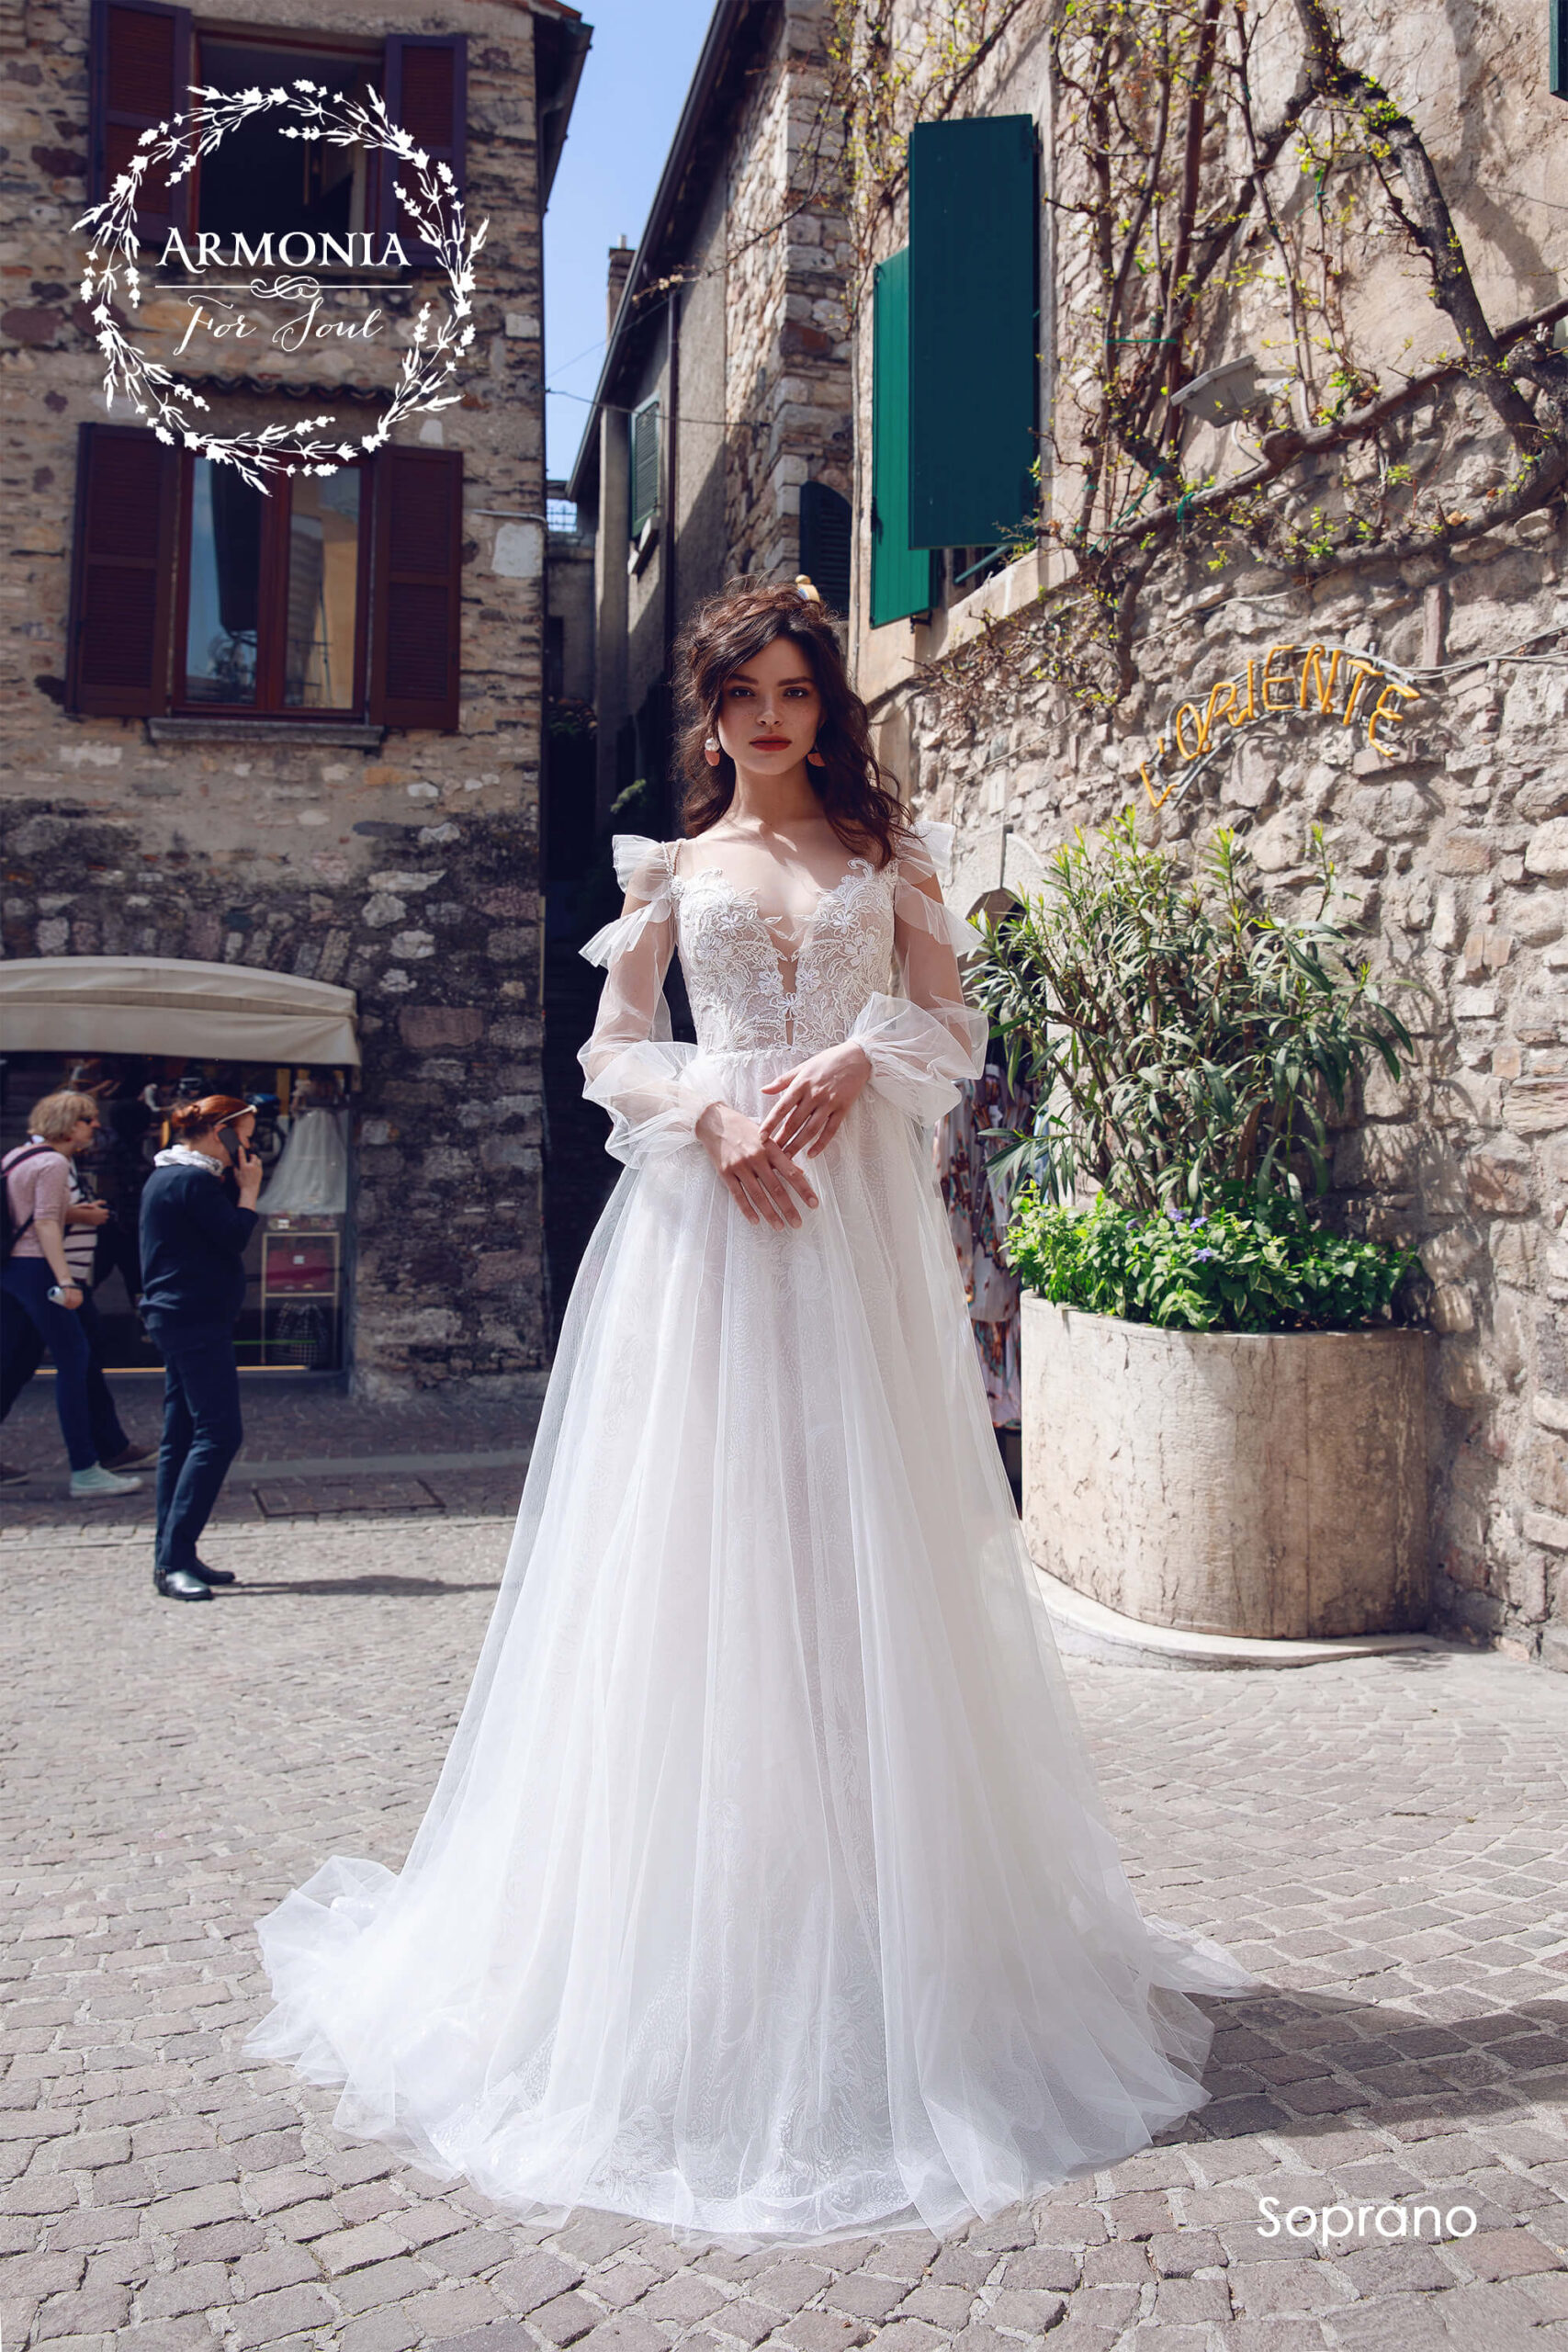 Весільна сукня Soprano Armonia